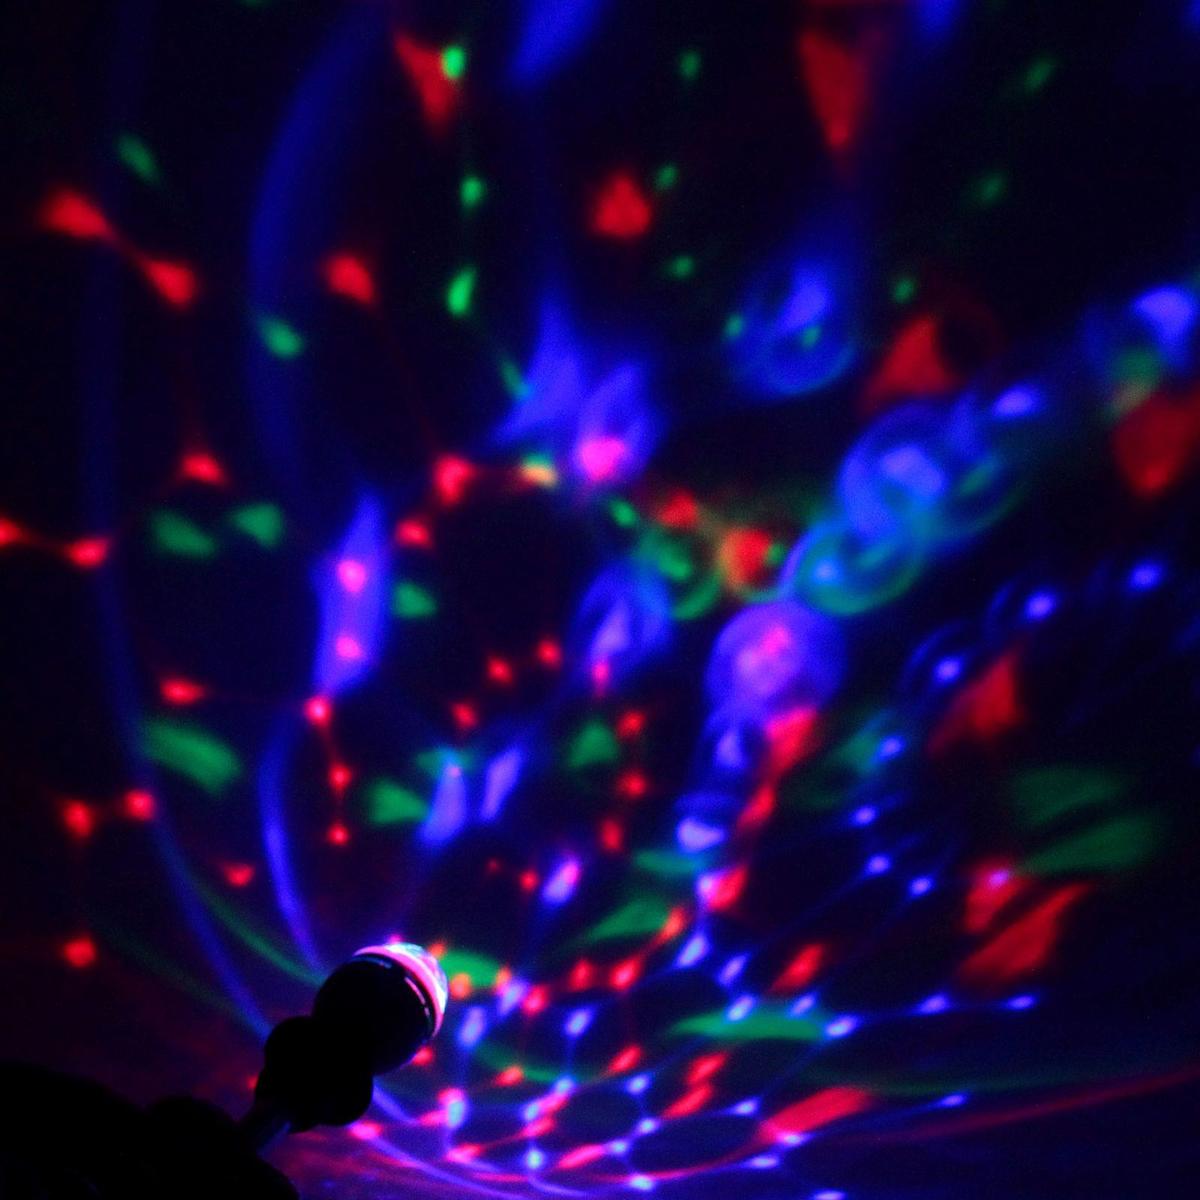 Лампа Luazon Хрустальный шар, диаметр 5,5 см, 220V, цоколь Е27501-321Лампа Luazon Хрустальный шар - это отличный вариант для оформления интерьера илифасада. С их помощью помещение любого размера можно превратить в праздничный зал, авнешние элементы зданий, украшенные ими, мгновенно станут напоминать очертания сказочногодворца. Такие украшения создают ауру предвкушения чуда.